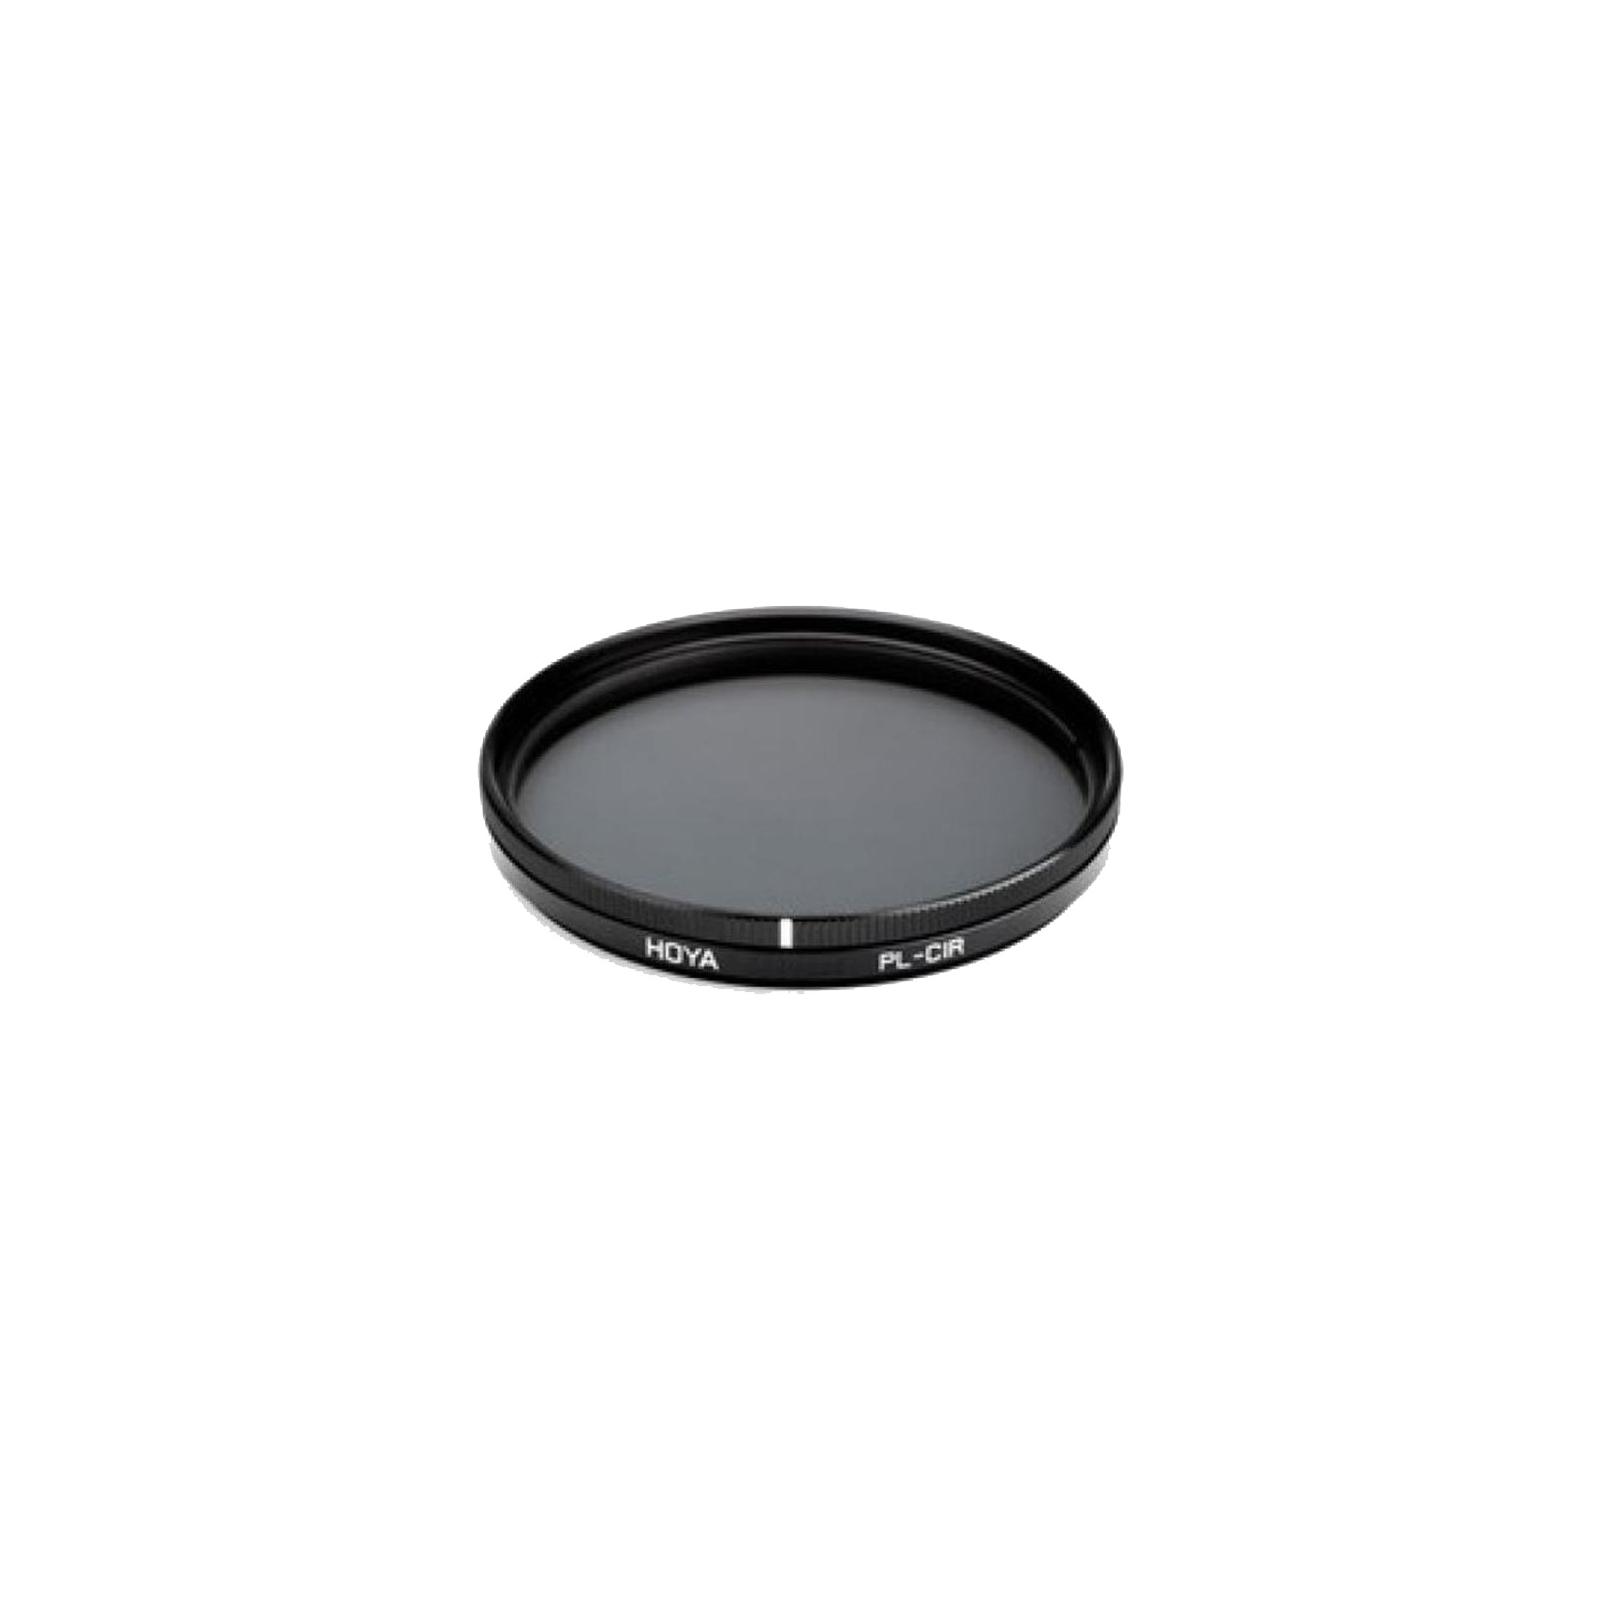 Светофильтр Hoya TEK Pol-Circ. 55mm (0024066550194)